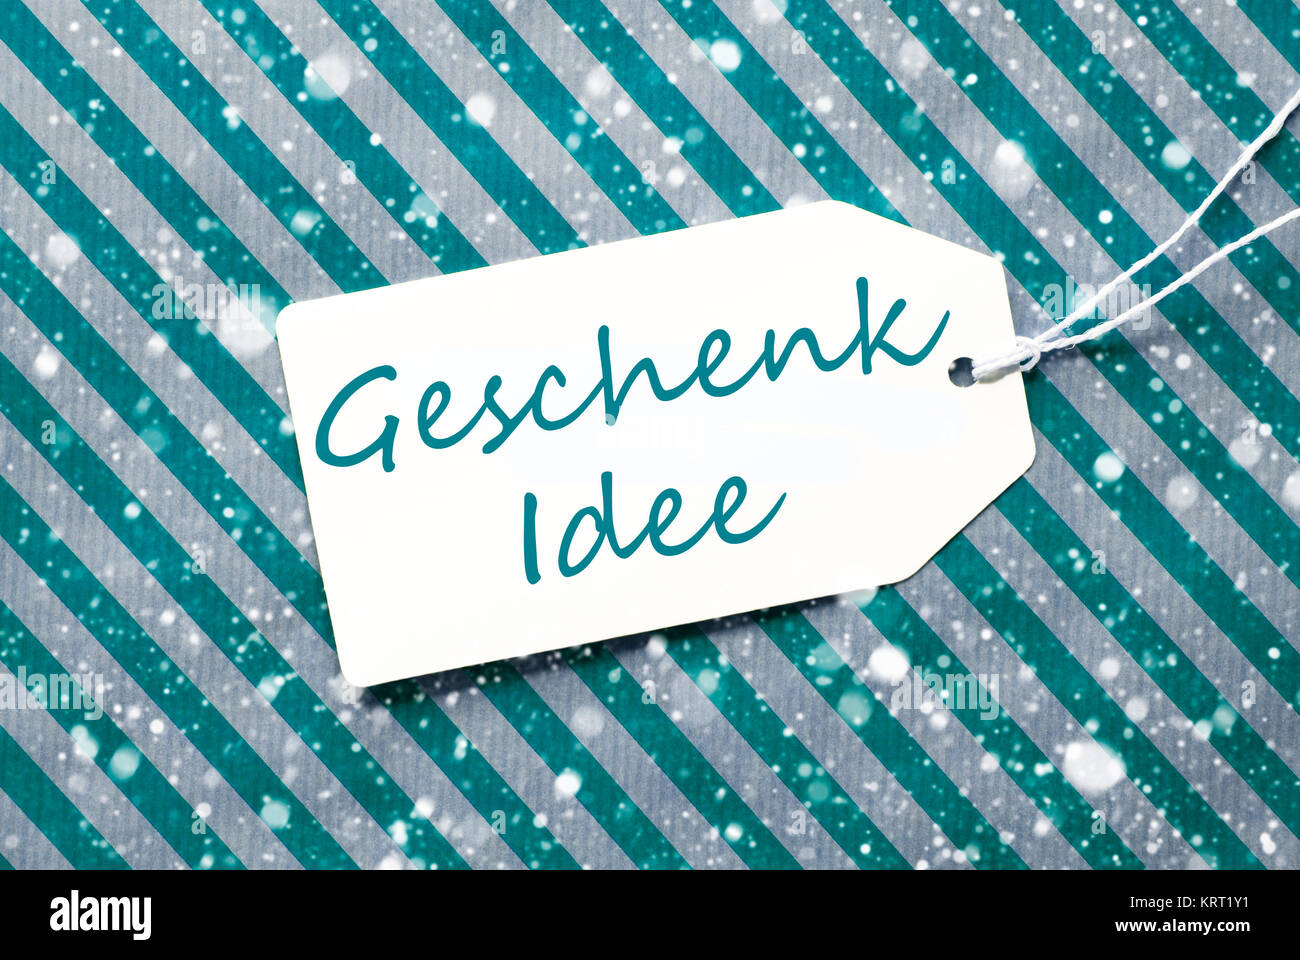 Deutsche Text Geschenk Idee bedeutet Geschenk Idee. Ein Etikett auf ...